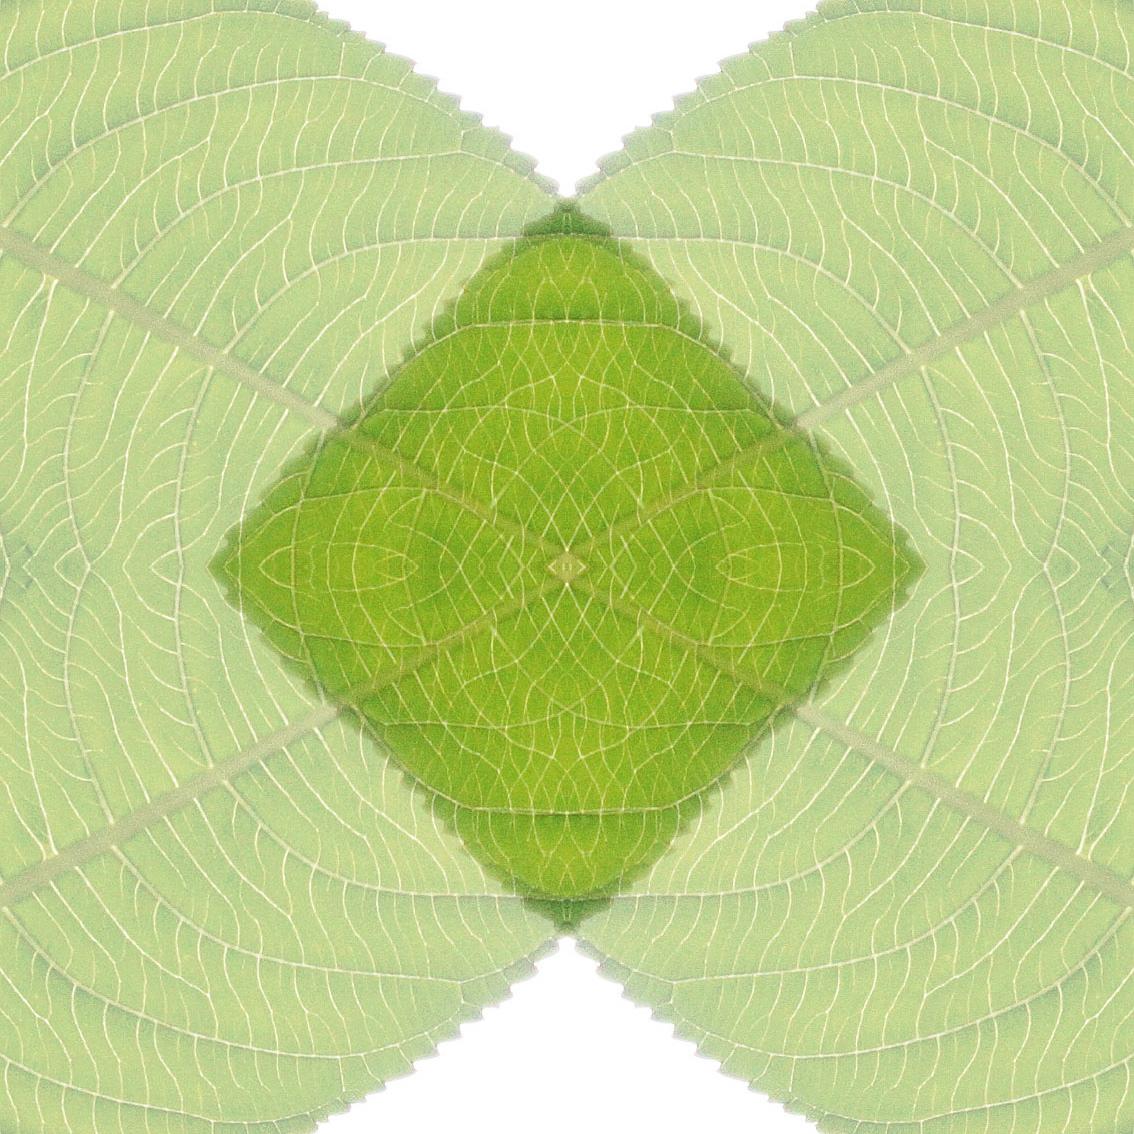 Bladspe. De structuur en de lijnen van dit blad zijn prachtig. Daar kun je mee spelen.